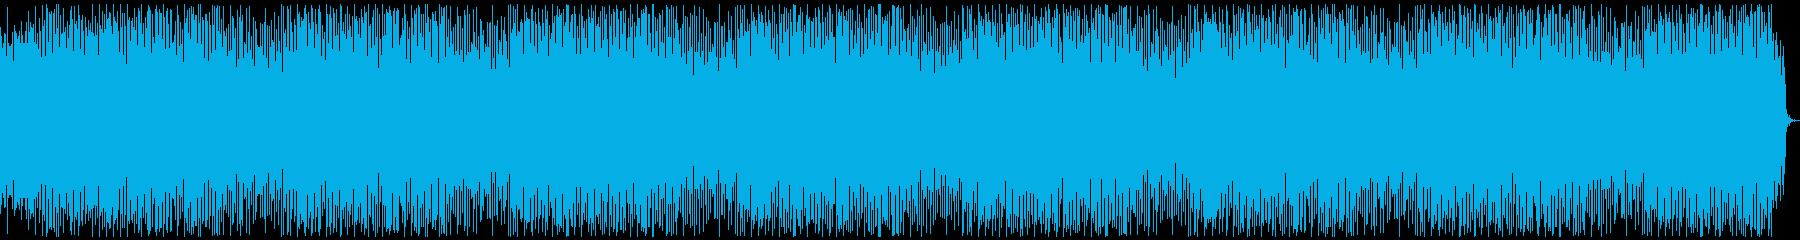 説明、明るいエレクトロニカ、10分の再生済みの波形